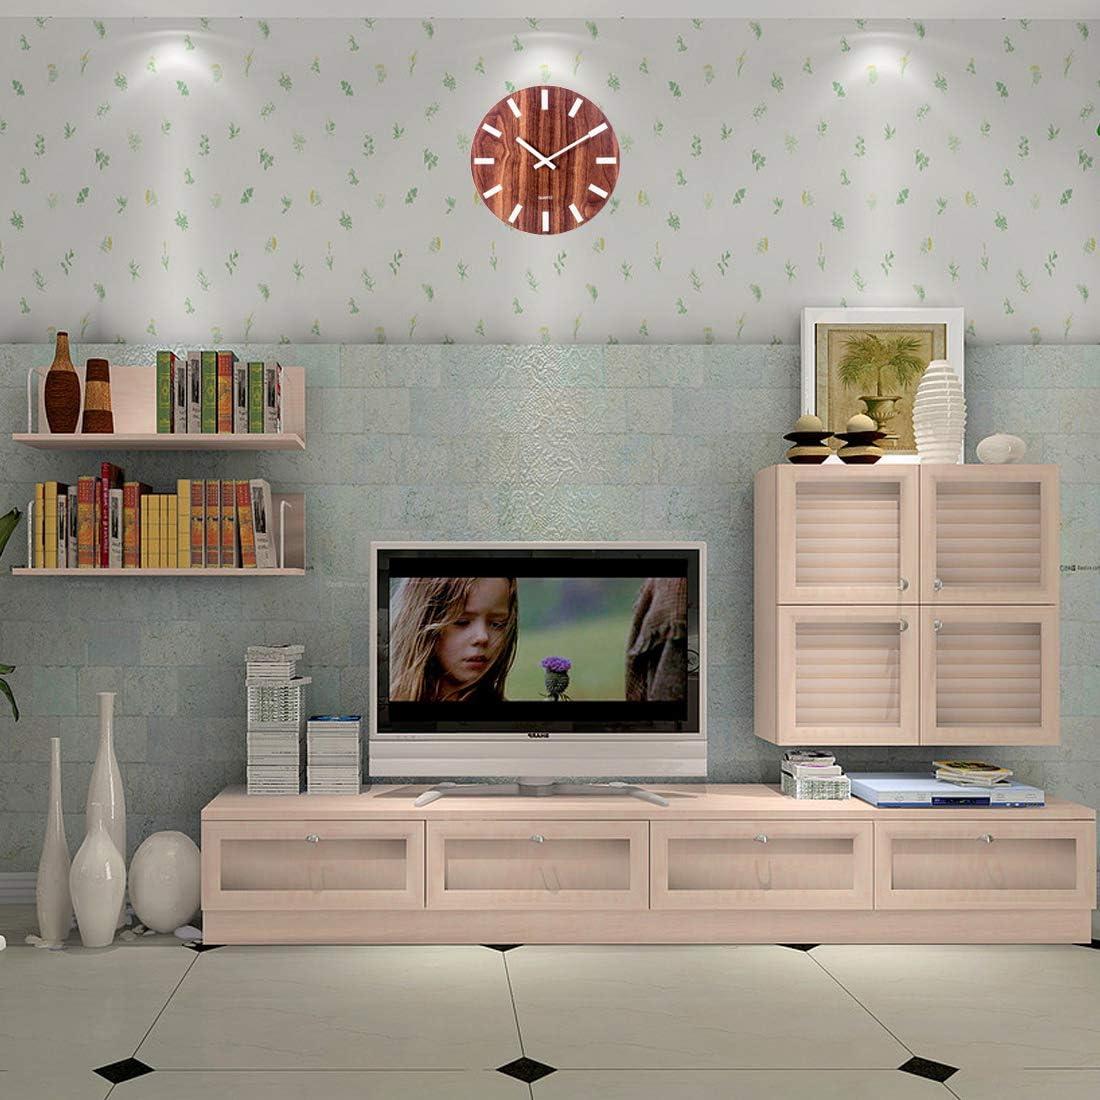 30CM Silencieuse Bois Fluorescente Ronde Marron Pendule Murale D/écoratives pour Cuisine Style A Chambre Enfant Bureau Horloge Murale Lumineuse Salon Searchyou